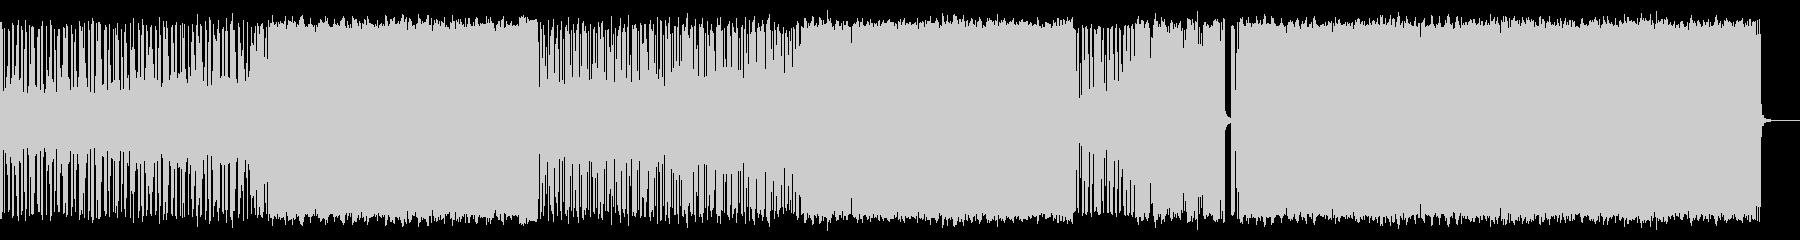 リードシンセによるロックンロールの未再生の波形